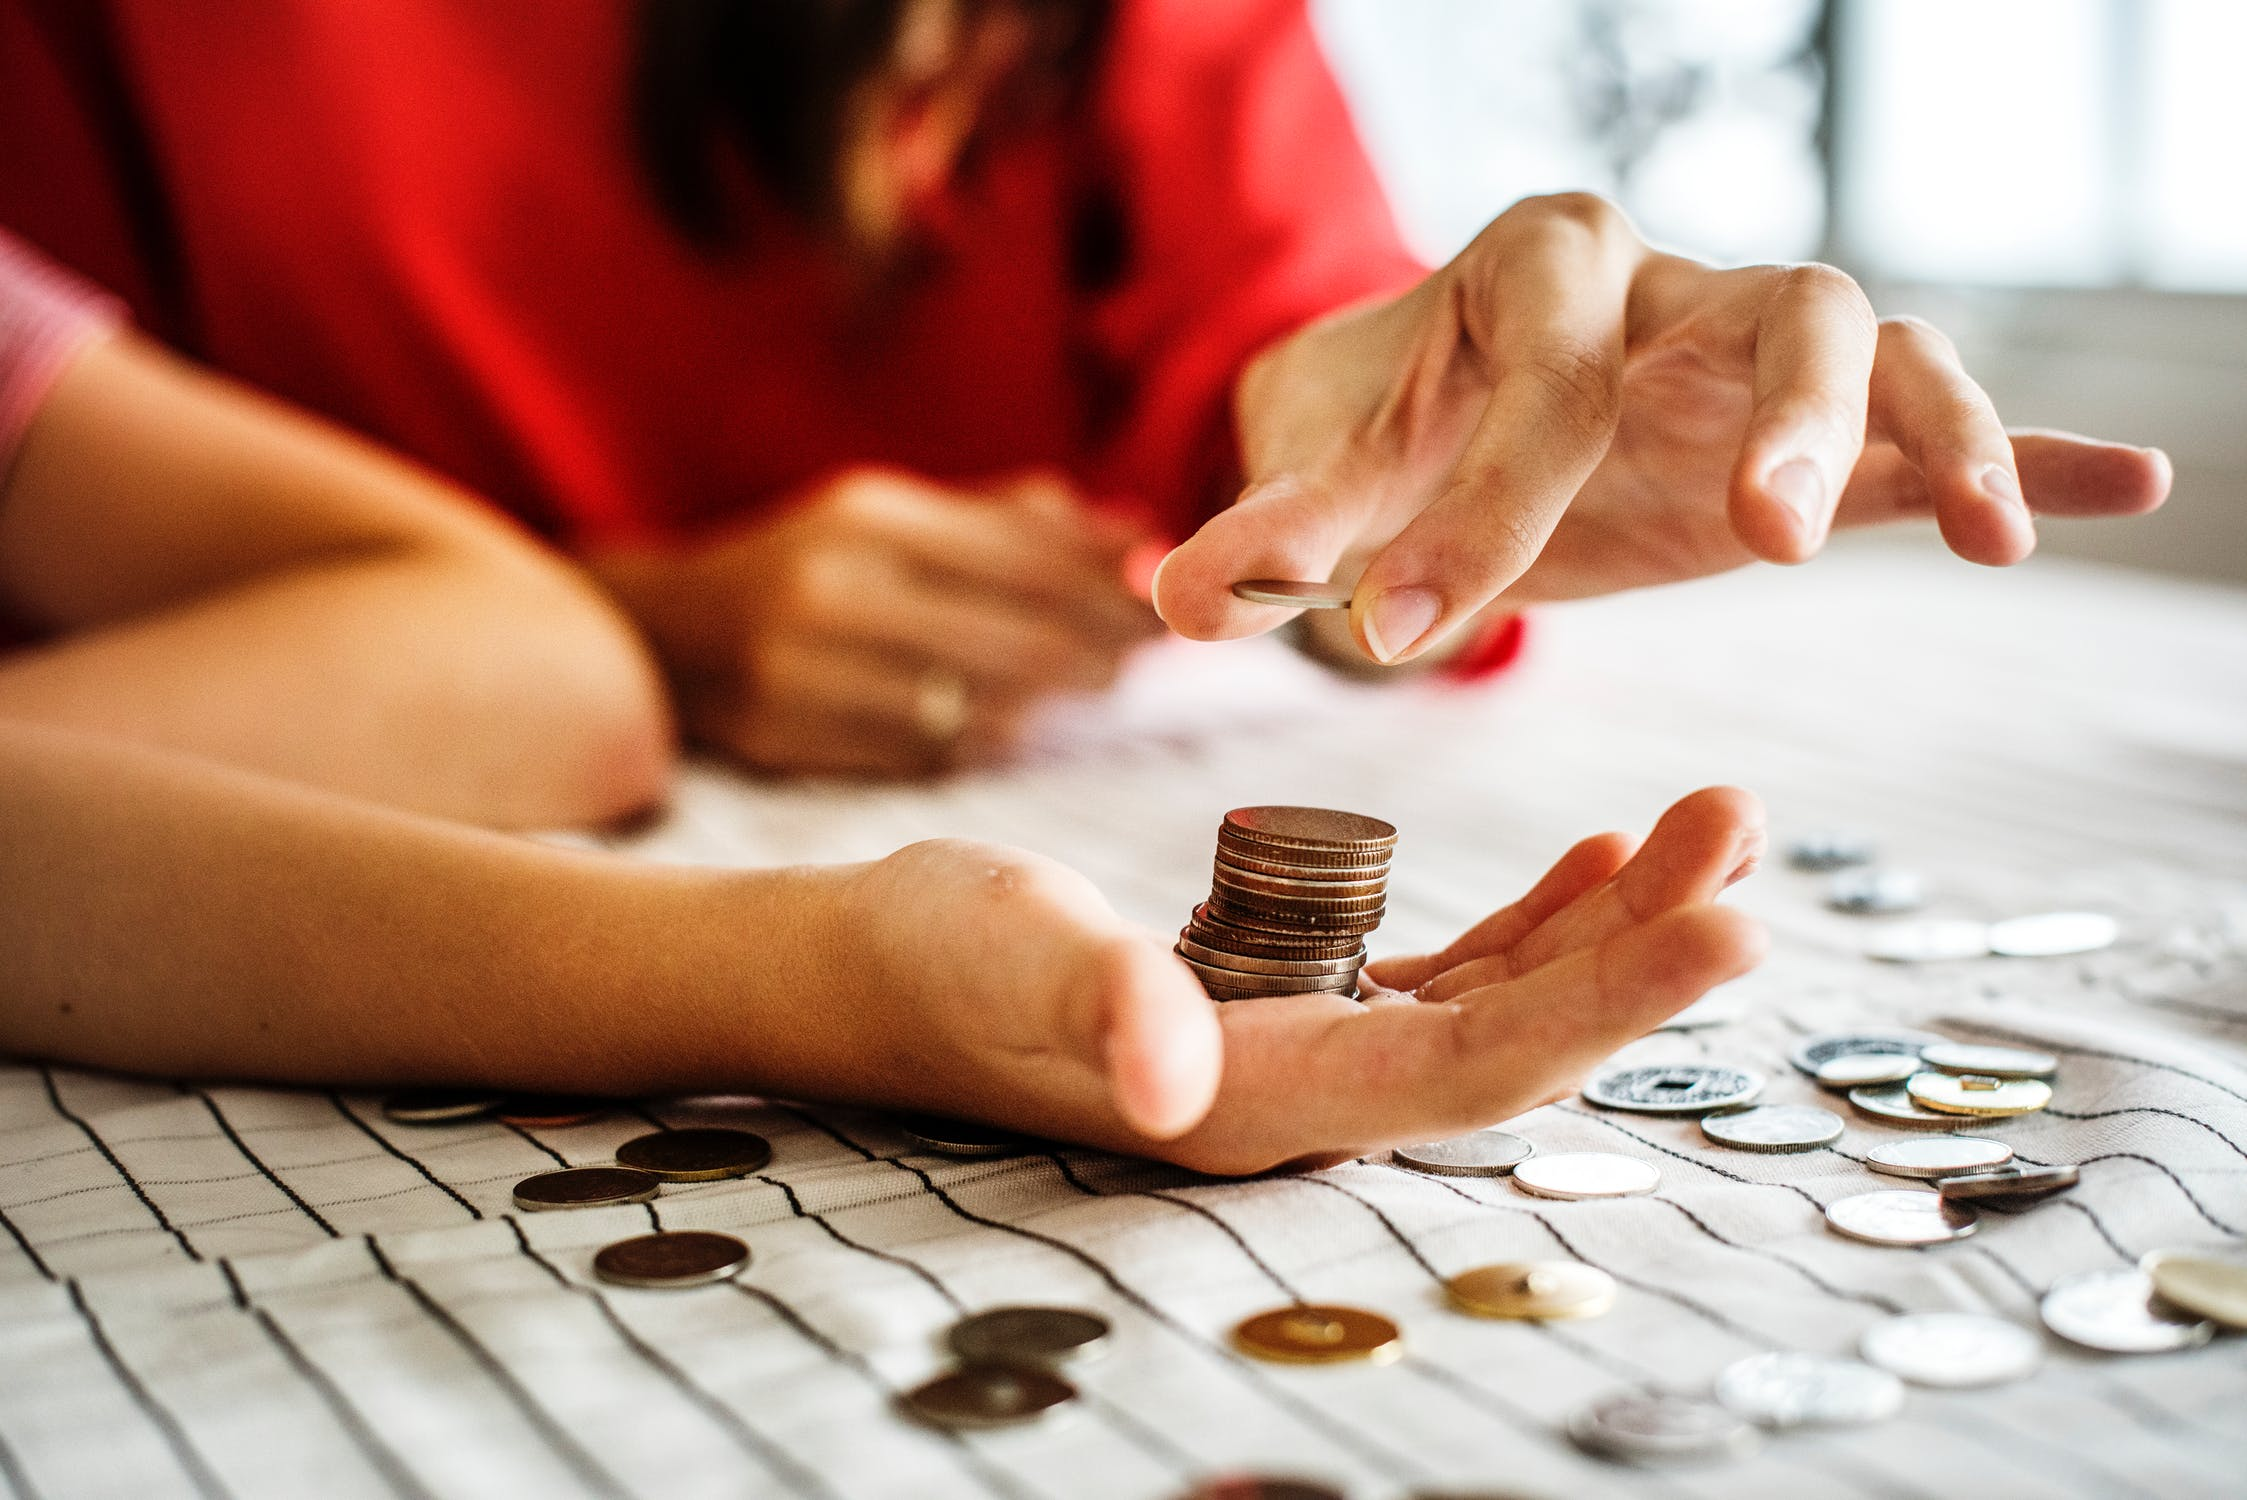 kā nopelnīt un ietaupīt naudu